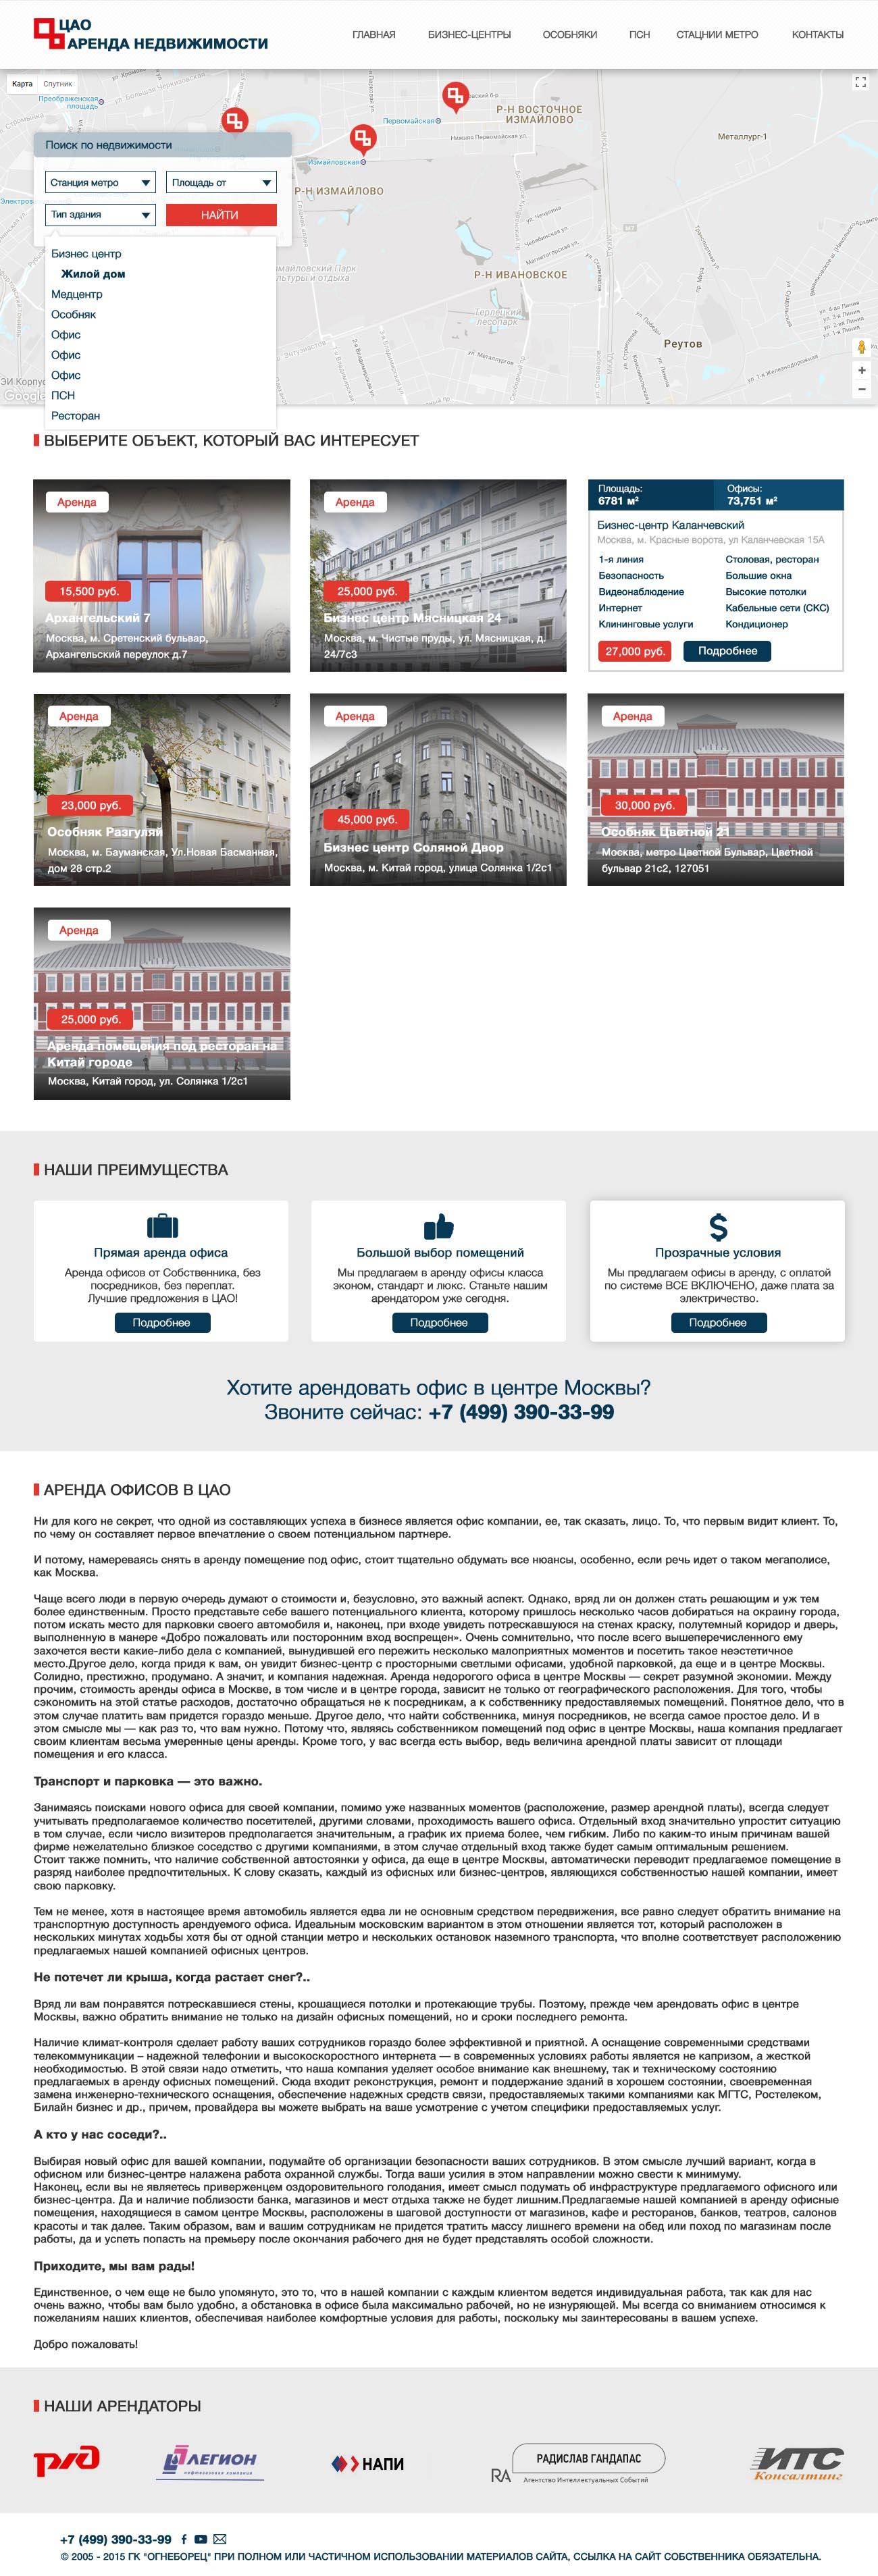 Редизайн сайта на Wordpress фото f_09159bb8e0228f98.jpg